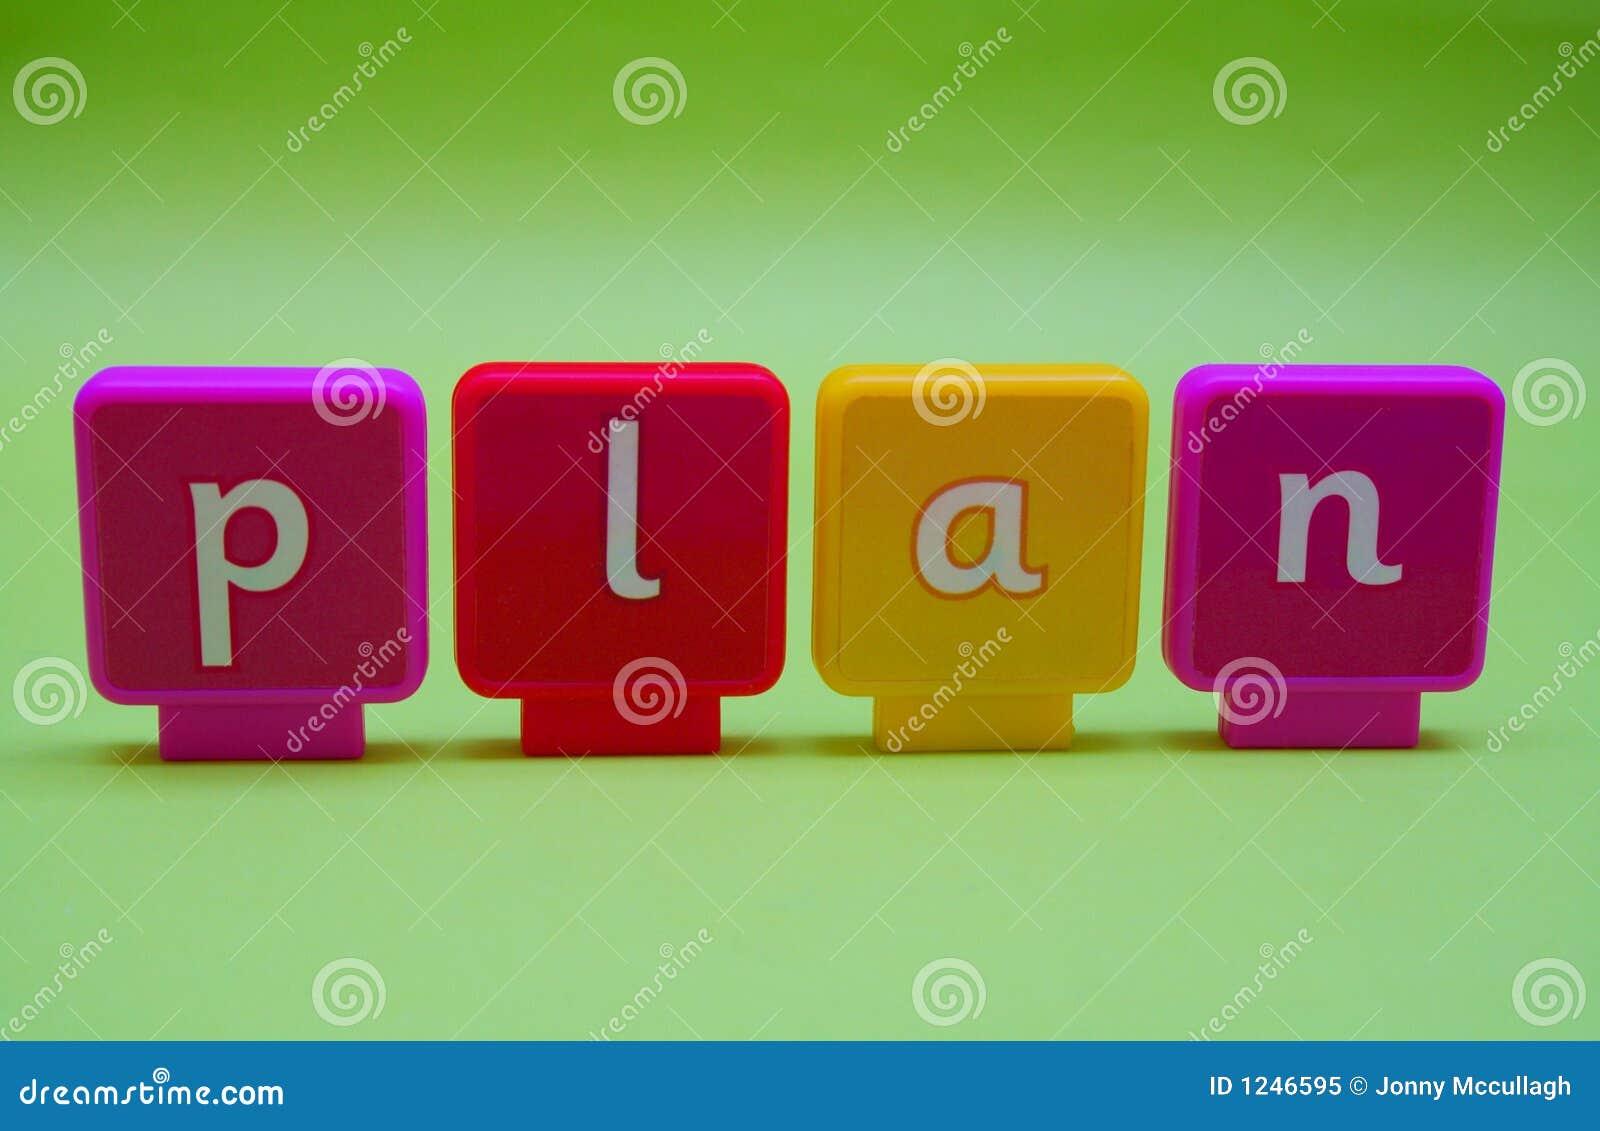 Letras: Planta